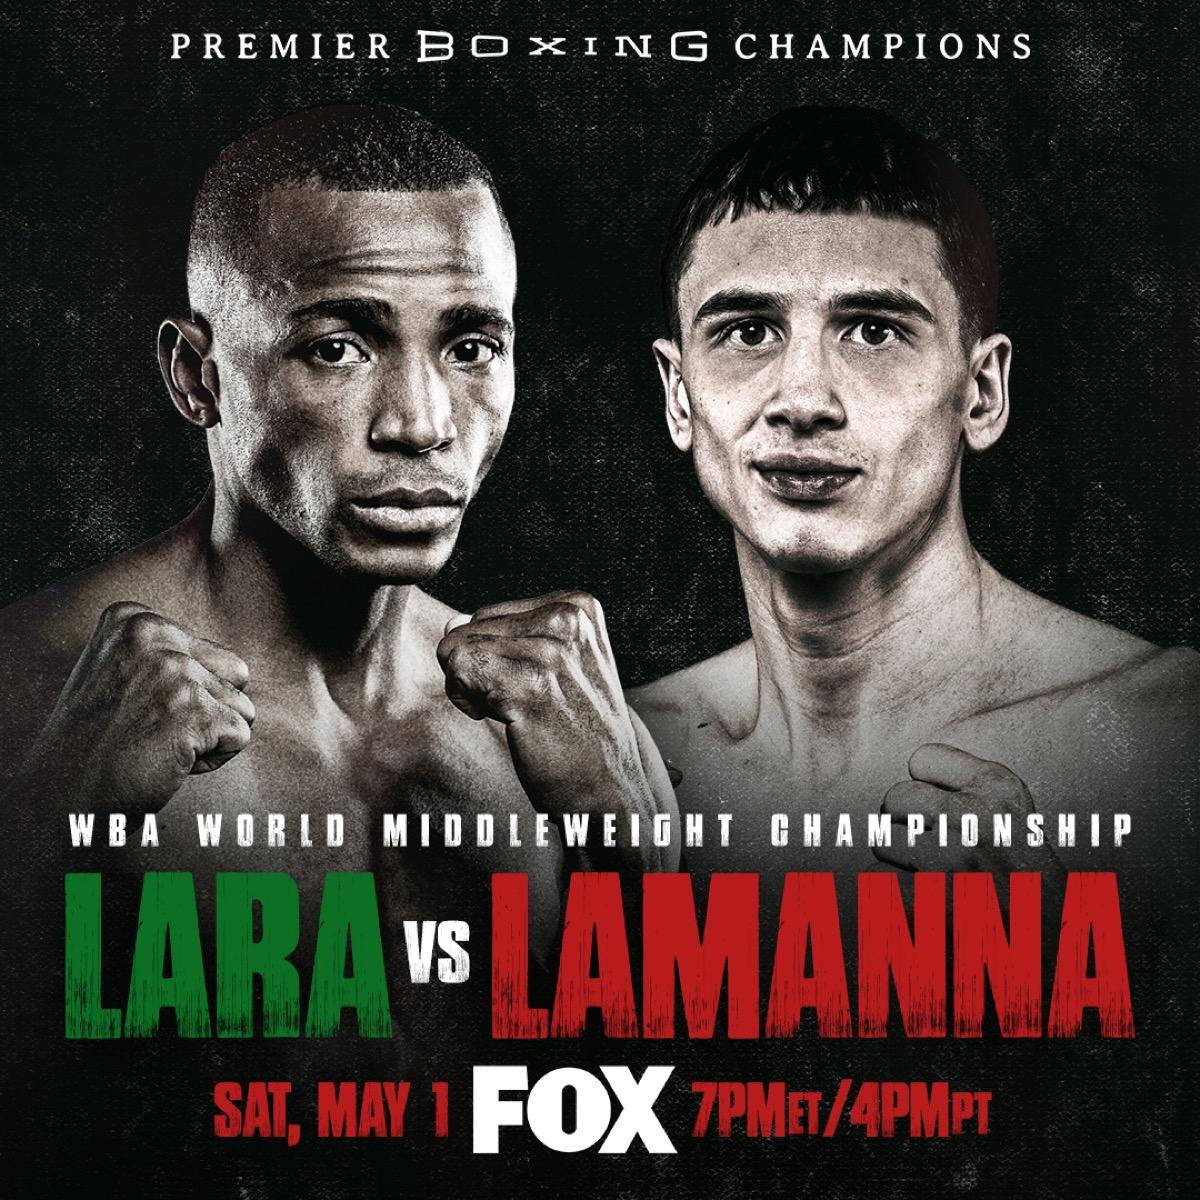 Lara vs LaManna - FOX - May 1